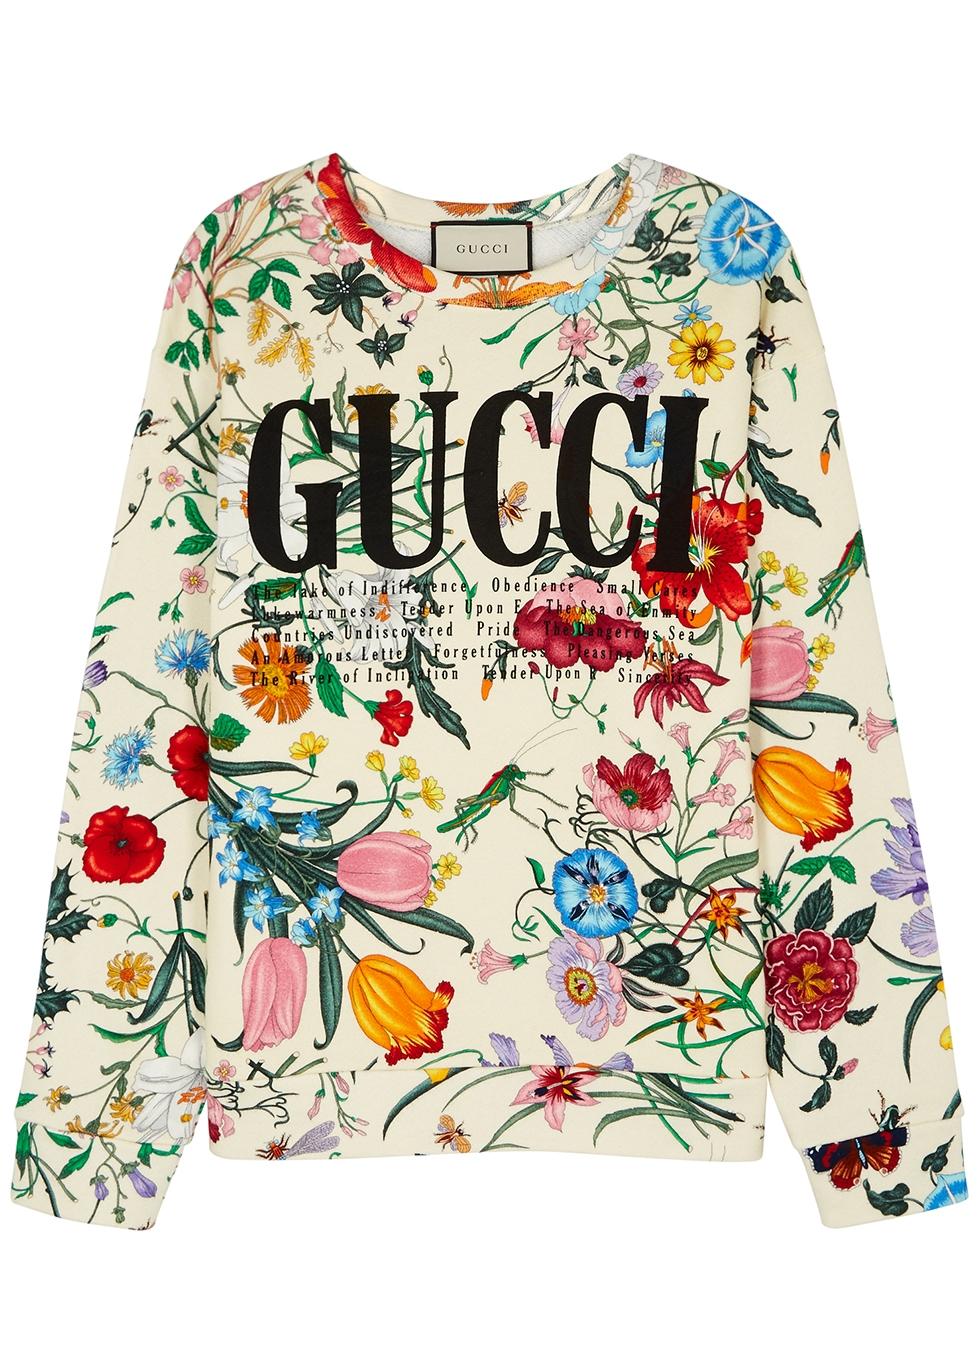 f5caed379f7 Gucci - Womens - Harvey Nichols